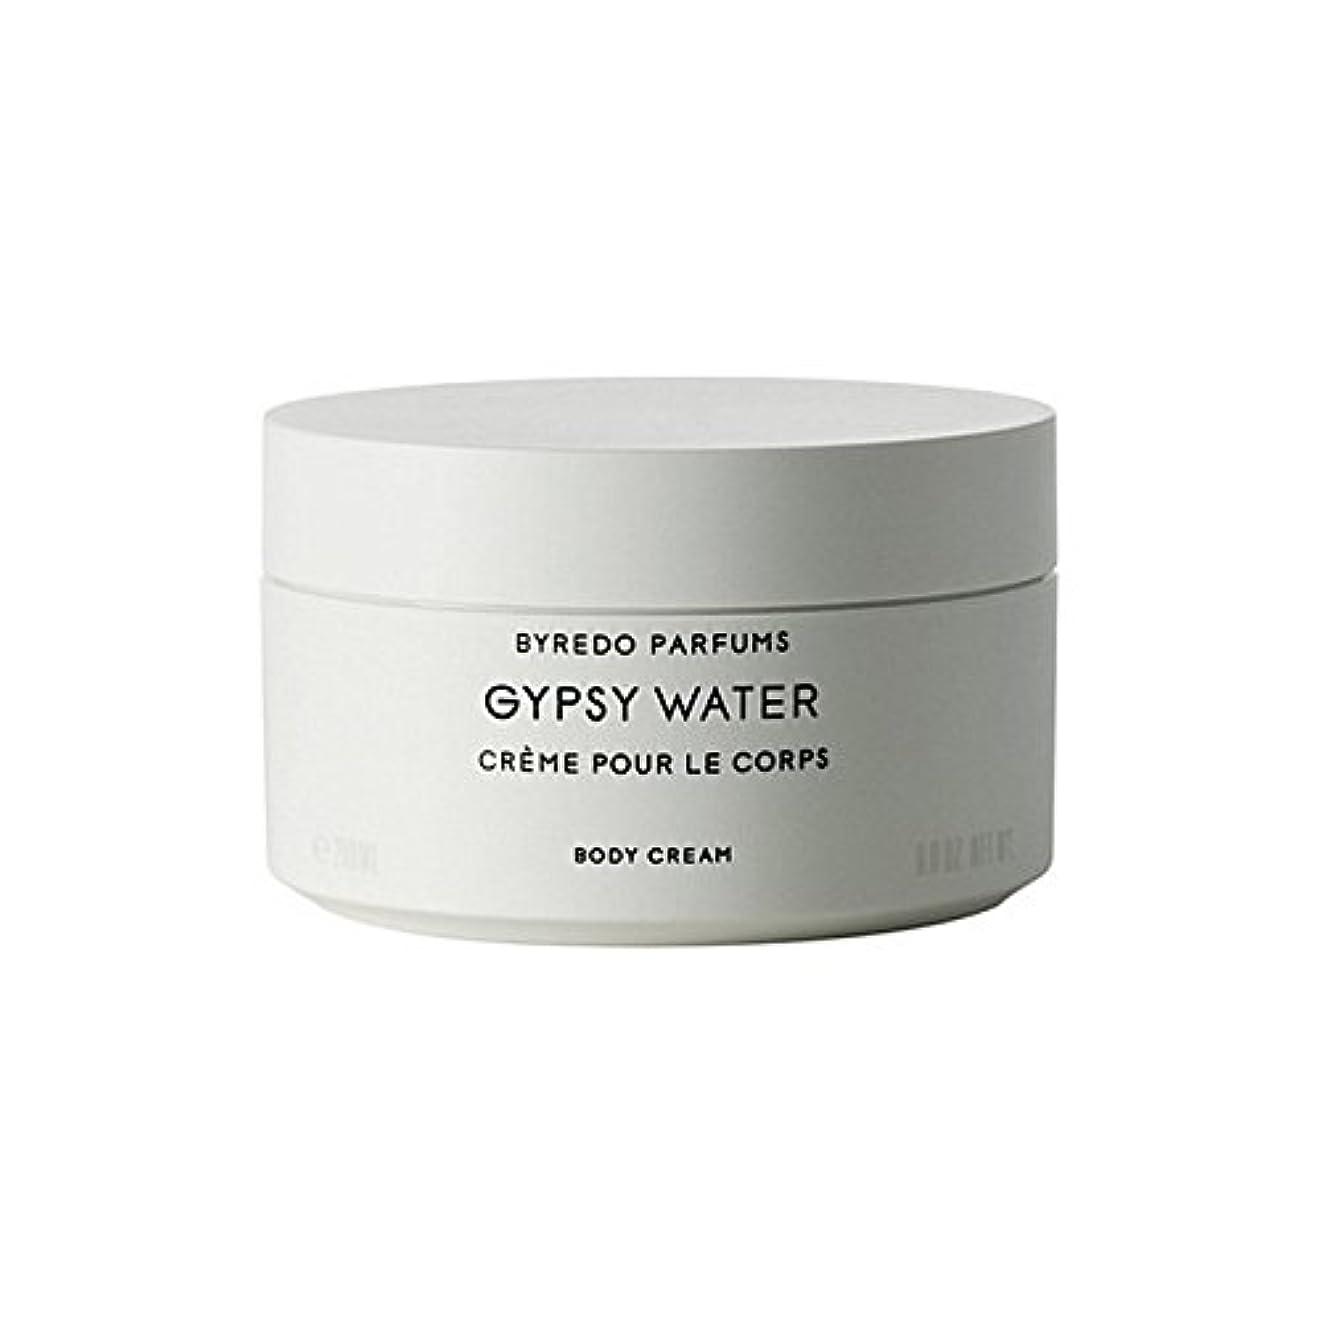 確かに診療所艦隊ジプシー水ボディクリーム200ミリリットル x2 - Byredo Gypsy Water Body Cream 200ml (Pack of 2) [並行輸入品]